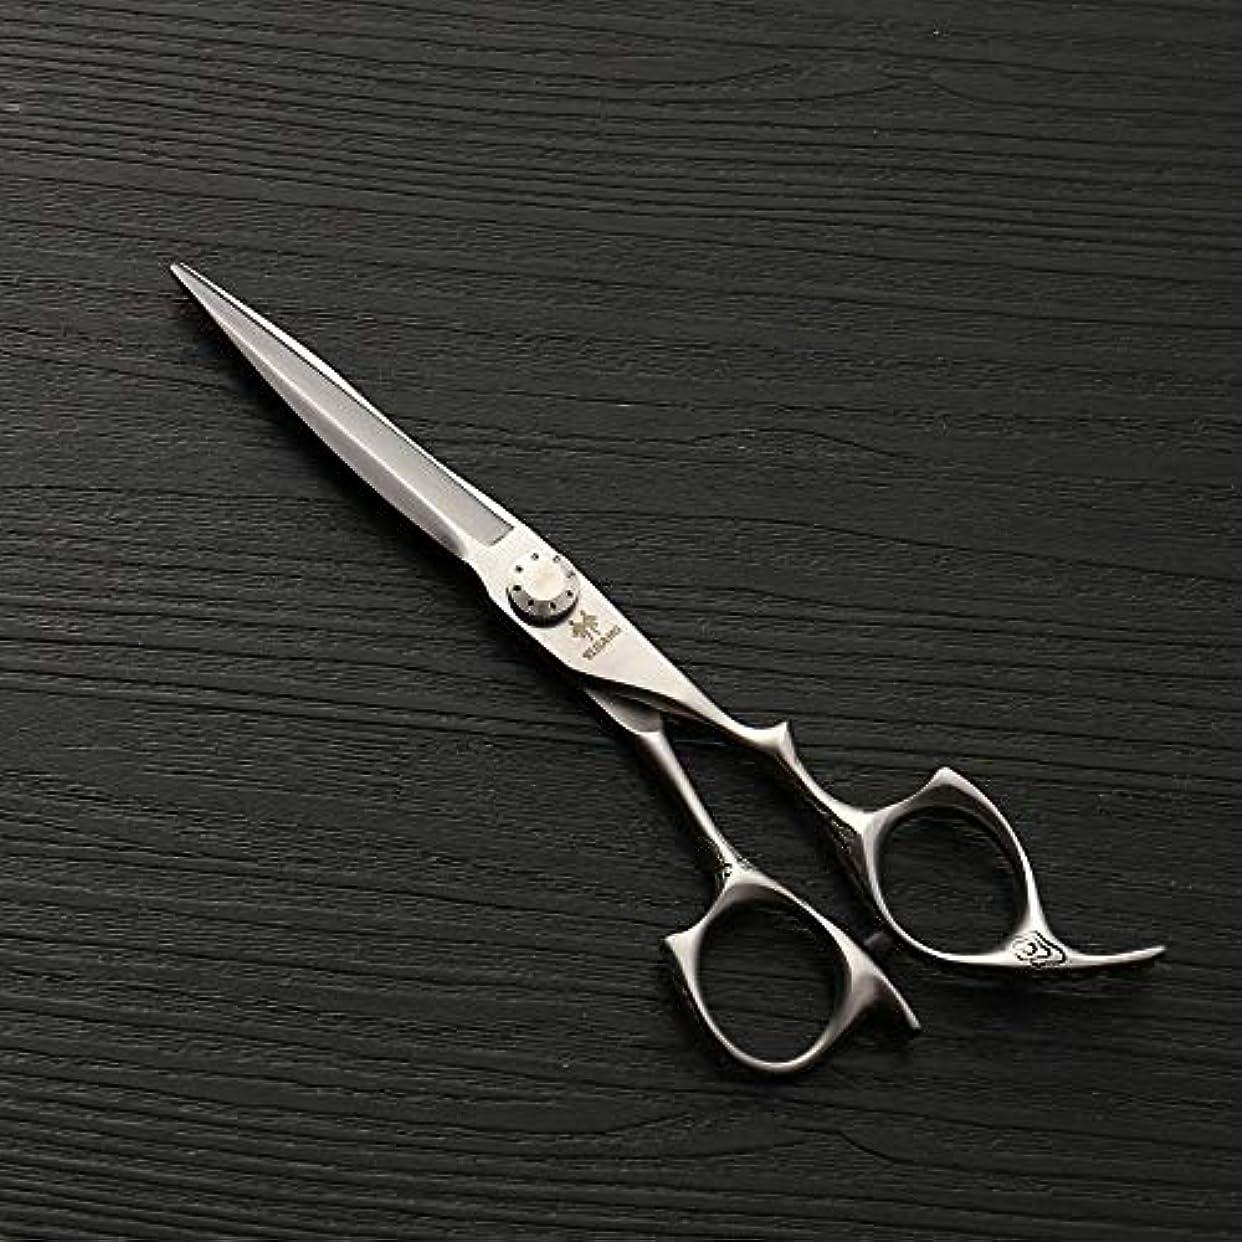 パステルヒューバートハドソン謎Goodsok-jp 6インチのステンレス鋼の理髪はさみ、美容院の特別なヘアカットの平らなはさみセット (色 : Silver)